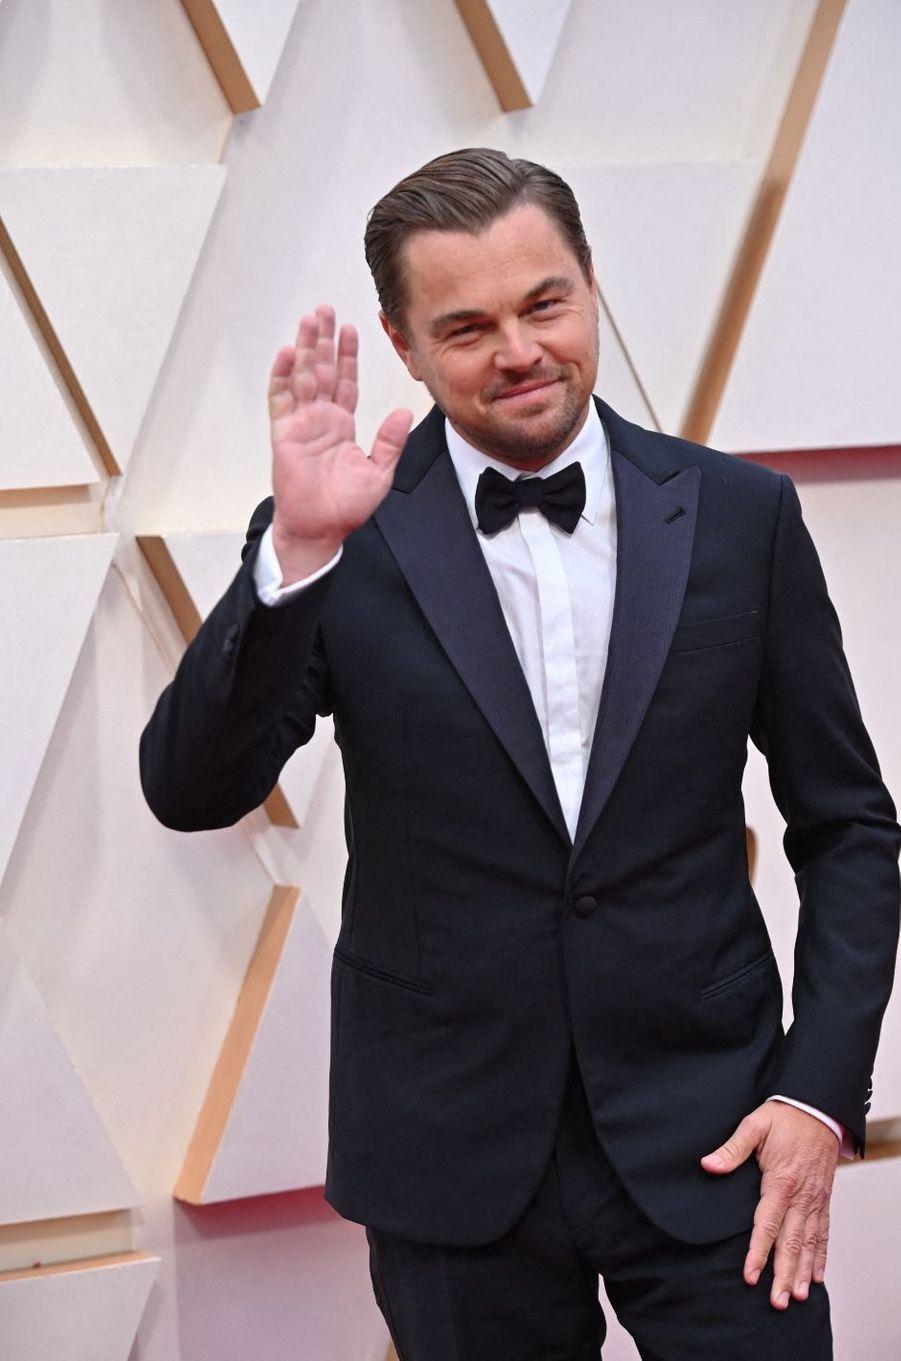 C'est pour l'environnement que Leonardo DiCaprio se bat depuis des années. Il est parvenu à combiner sa passion pour le cinéma avec sa lutte en produisant deux documentaires autour de l'écologie. De la préservation de la vie sauvage à l'interdiction de la chasse illégale, en passant par la protection des écosystèmes, l'acteur de 45 ans déborde d'idées et de projets.